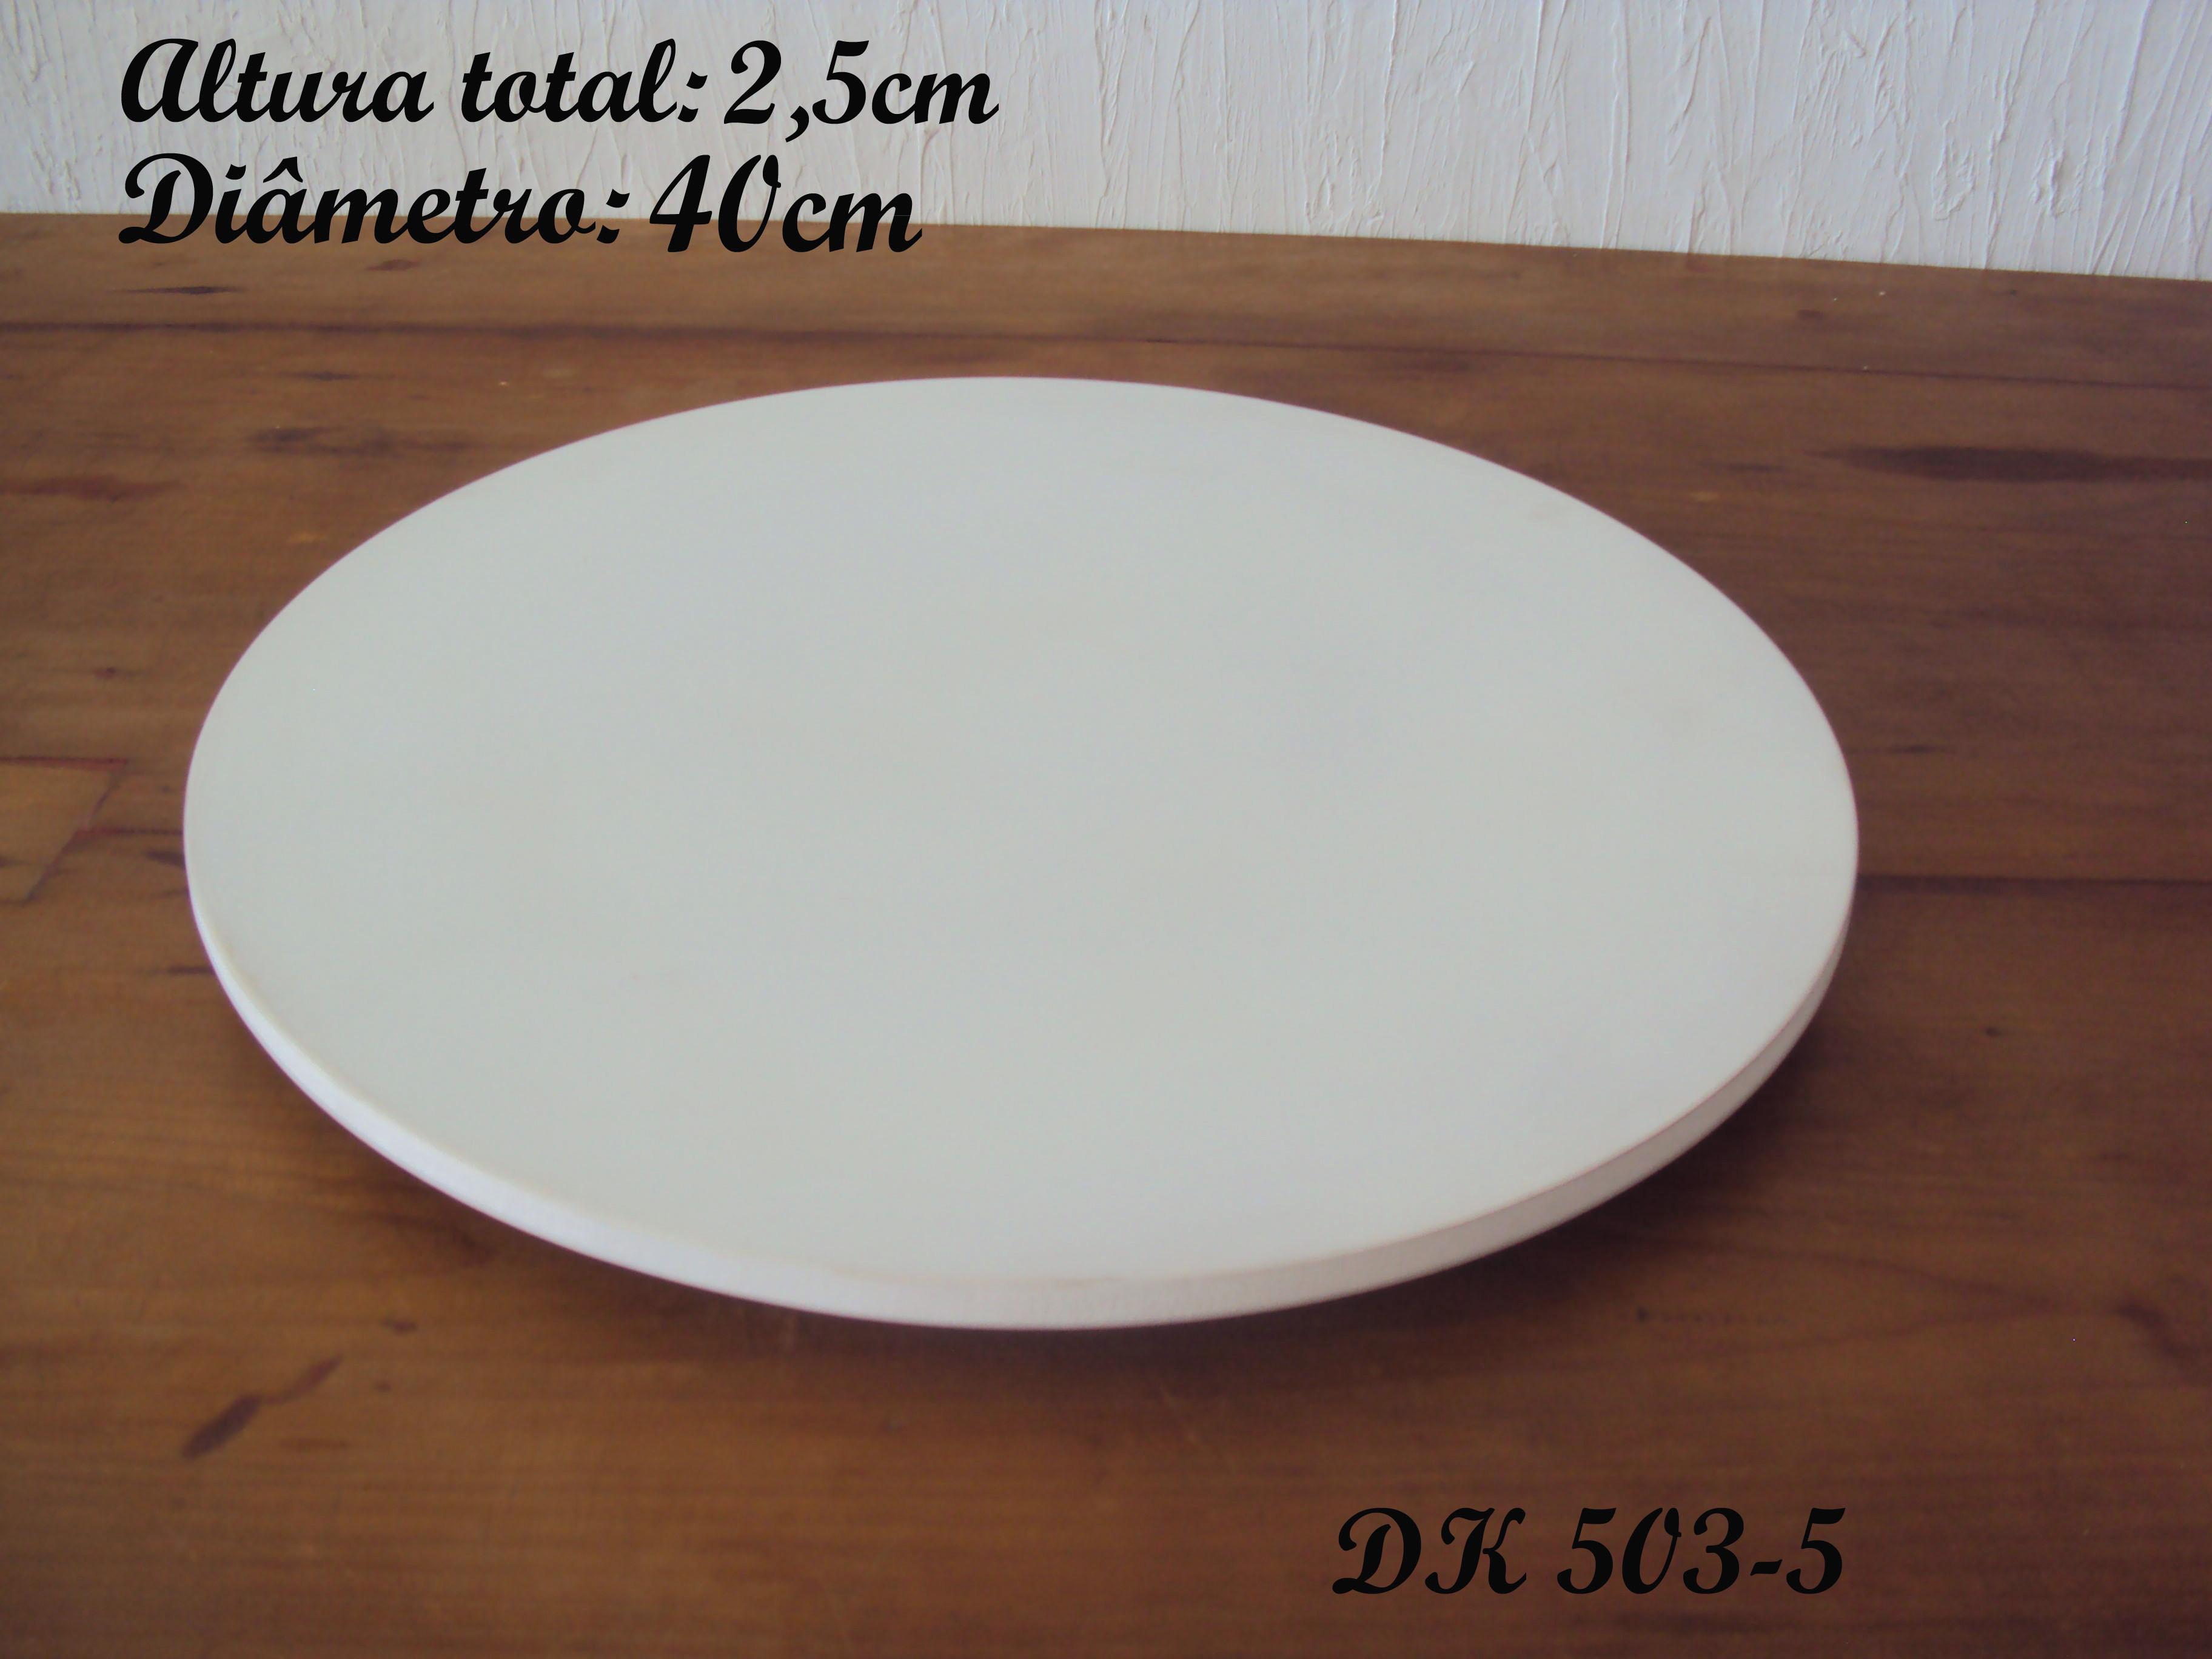 e78902c17 Souplat de Mdf 40cm de Diametro